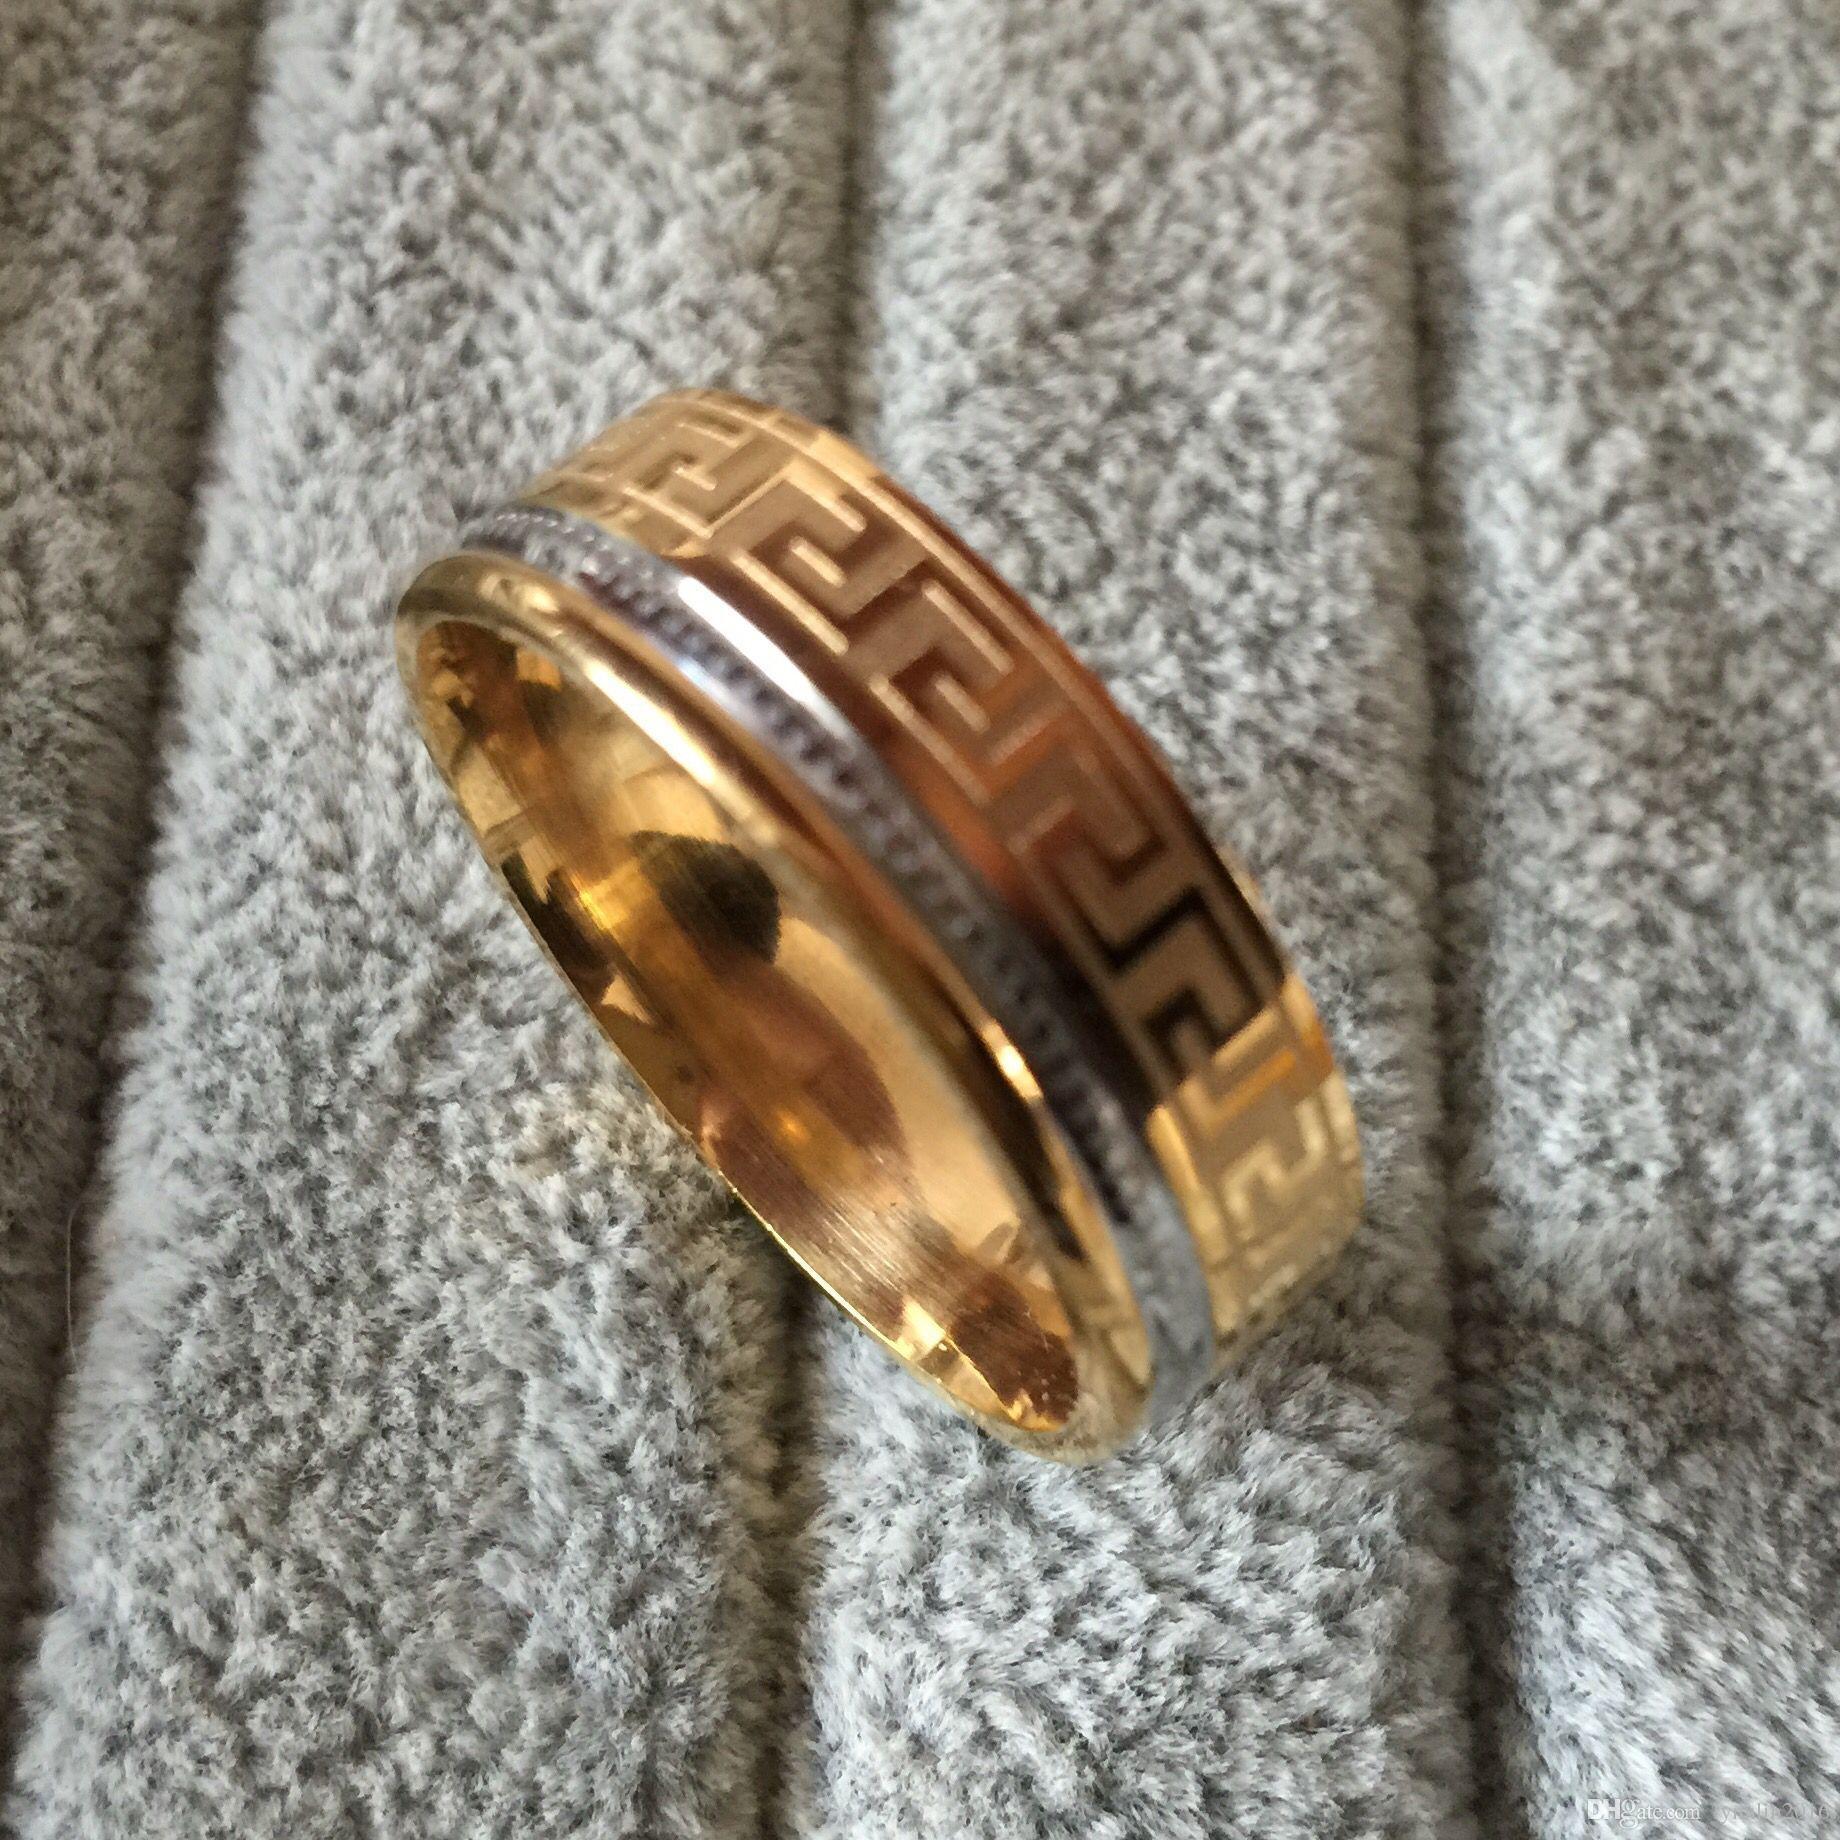 Luxus große breite 8mm 316 Titan Stahl 18 Karat Gelbgold vergoldet griechischen Schlüssel Ehering Ring Männer Frauen Silber Gold 2 Ton